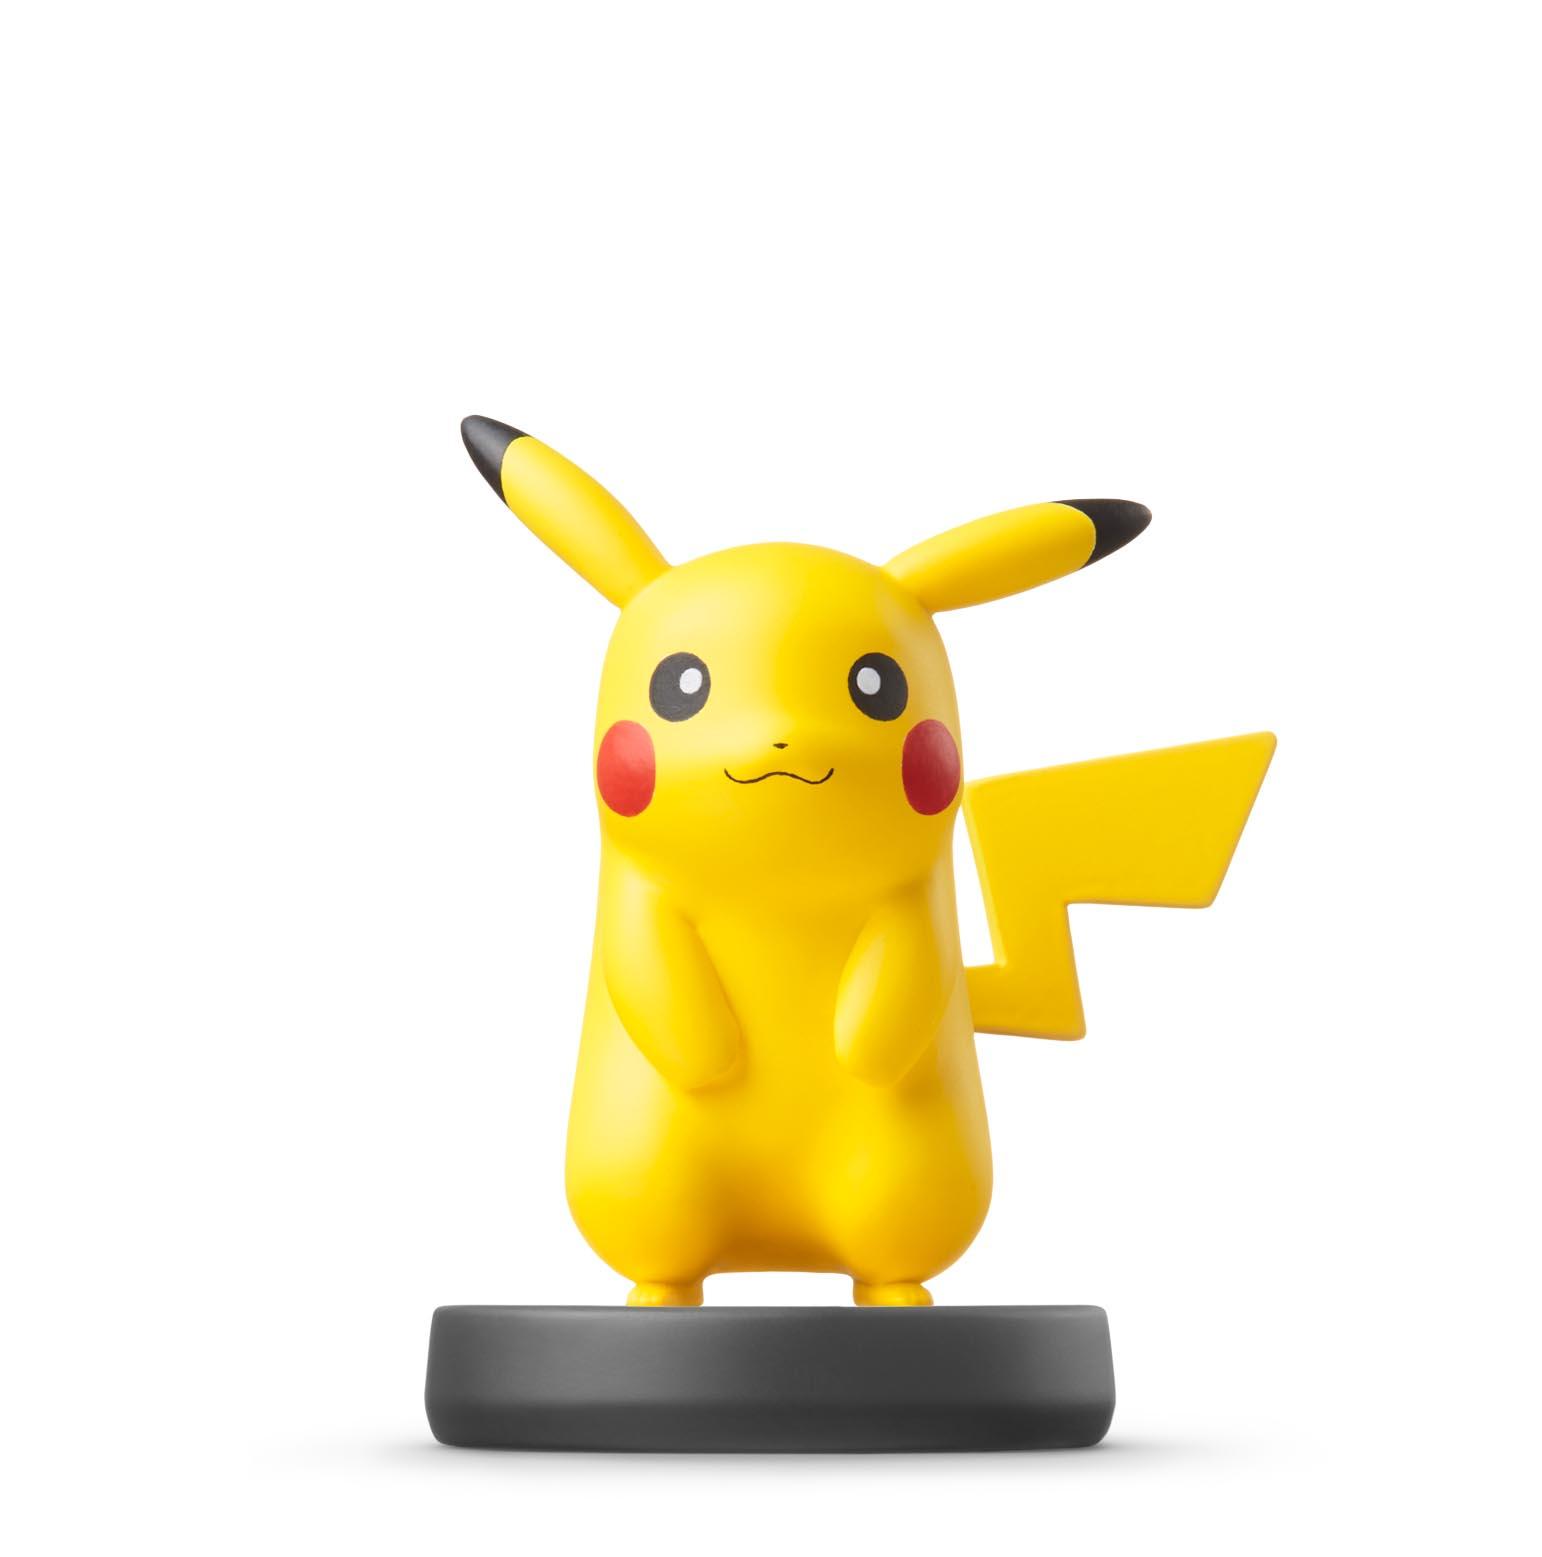 pikachu amiibo prototype